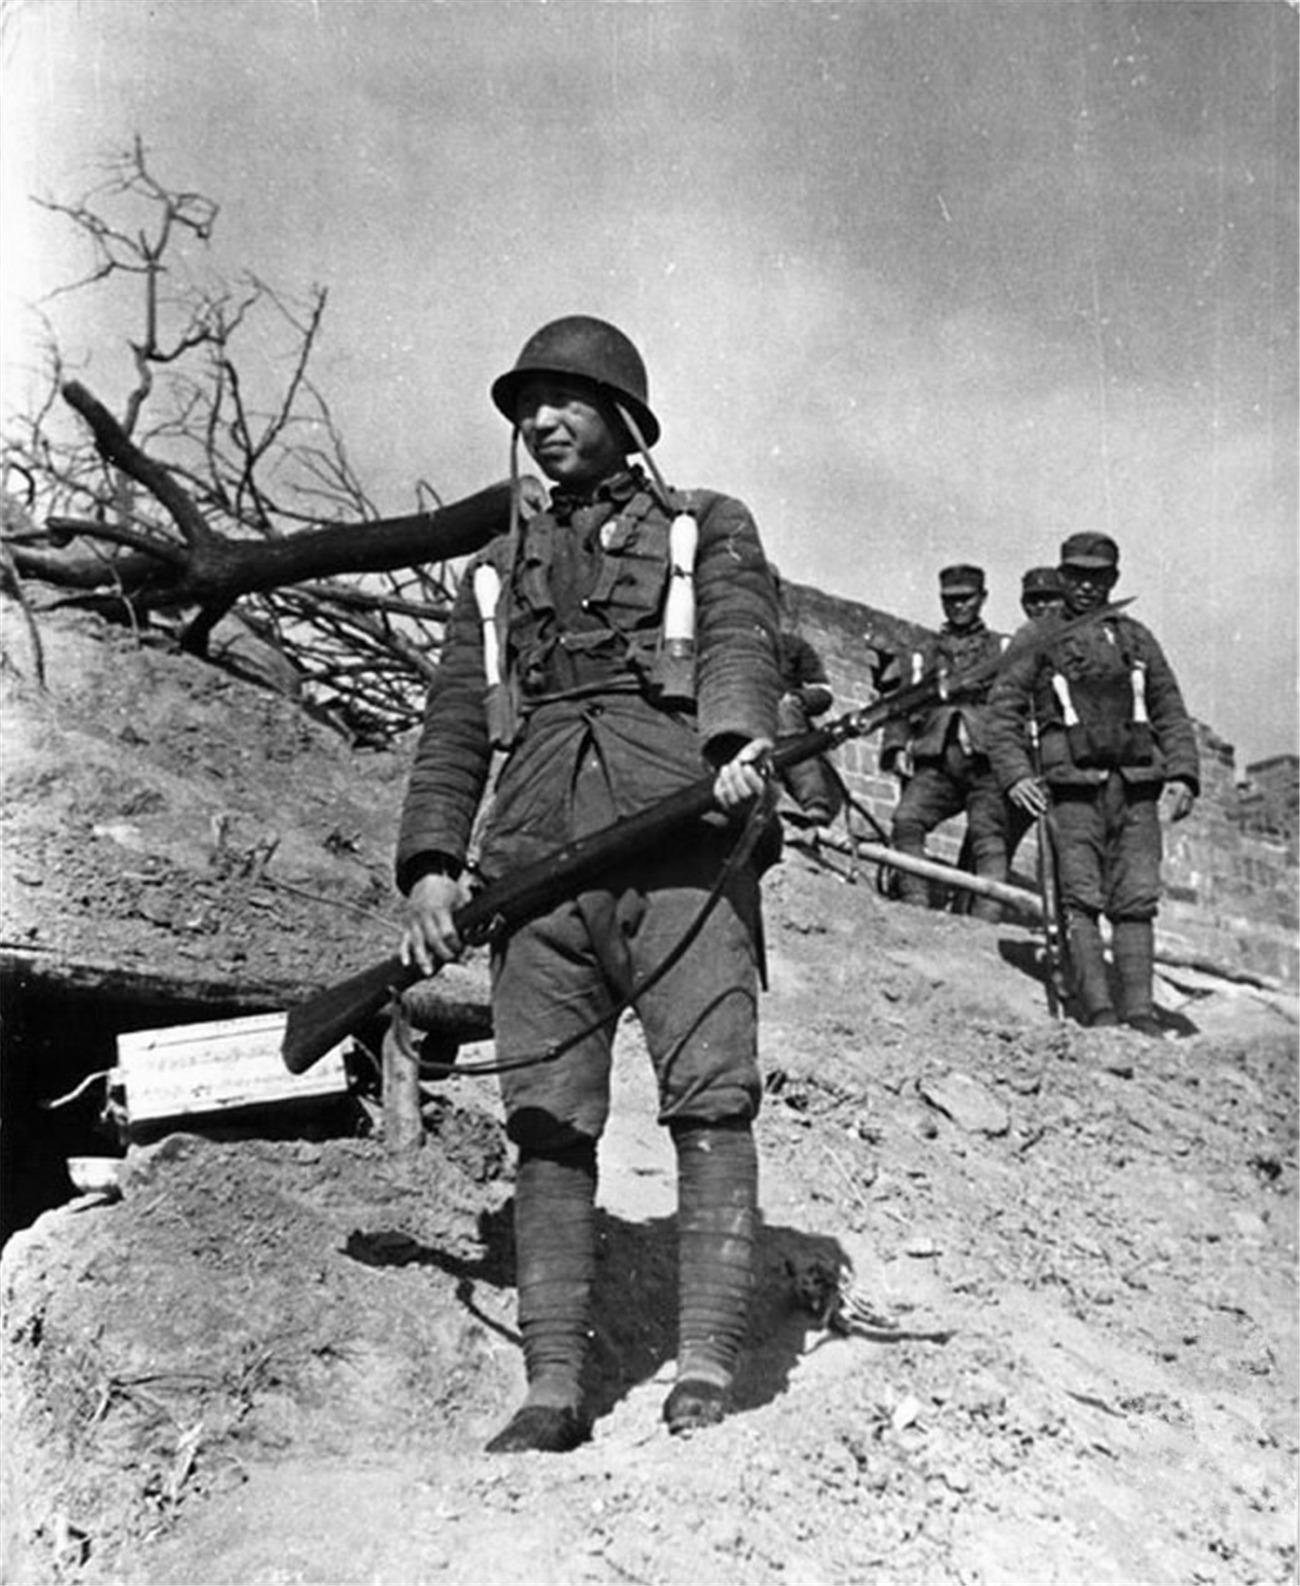 直击台儿庄战役敢死队:战士浑身绑满手榴弹,伤员独自步行去医院